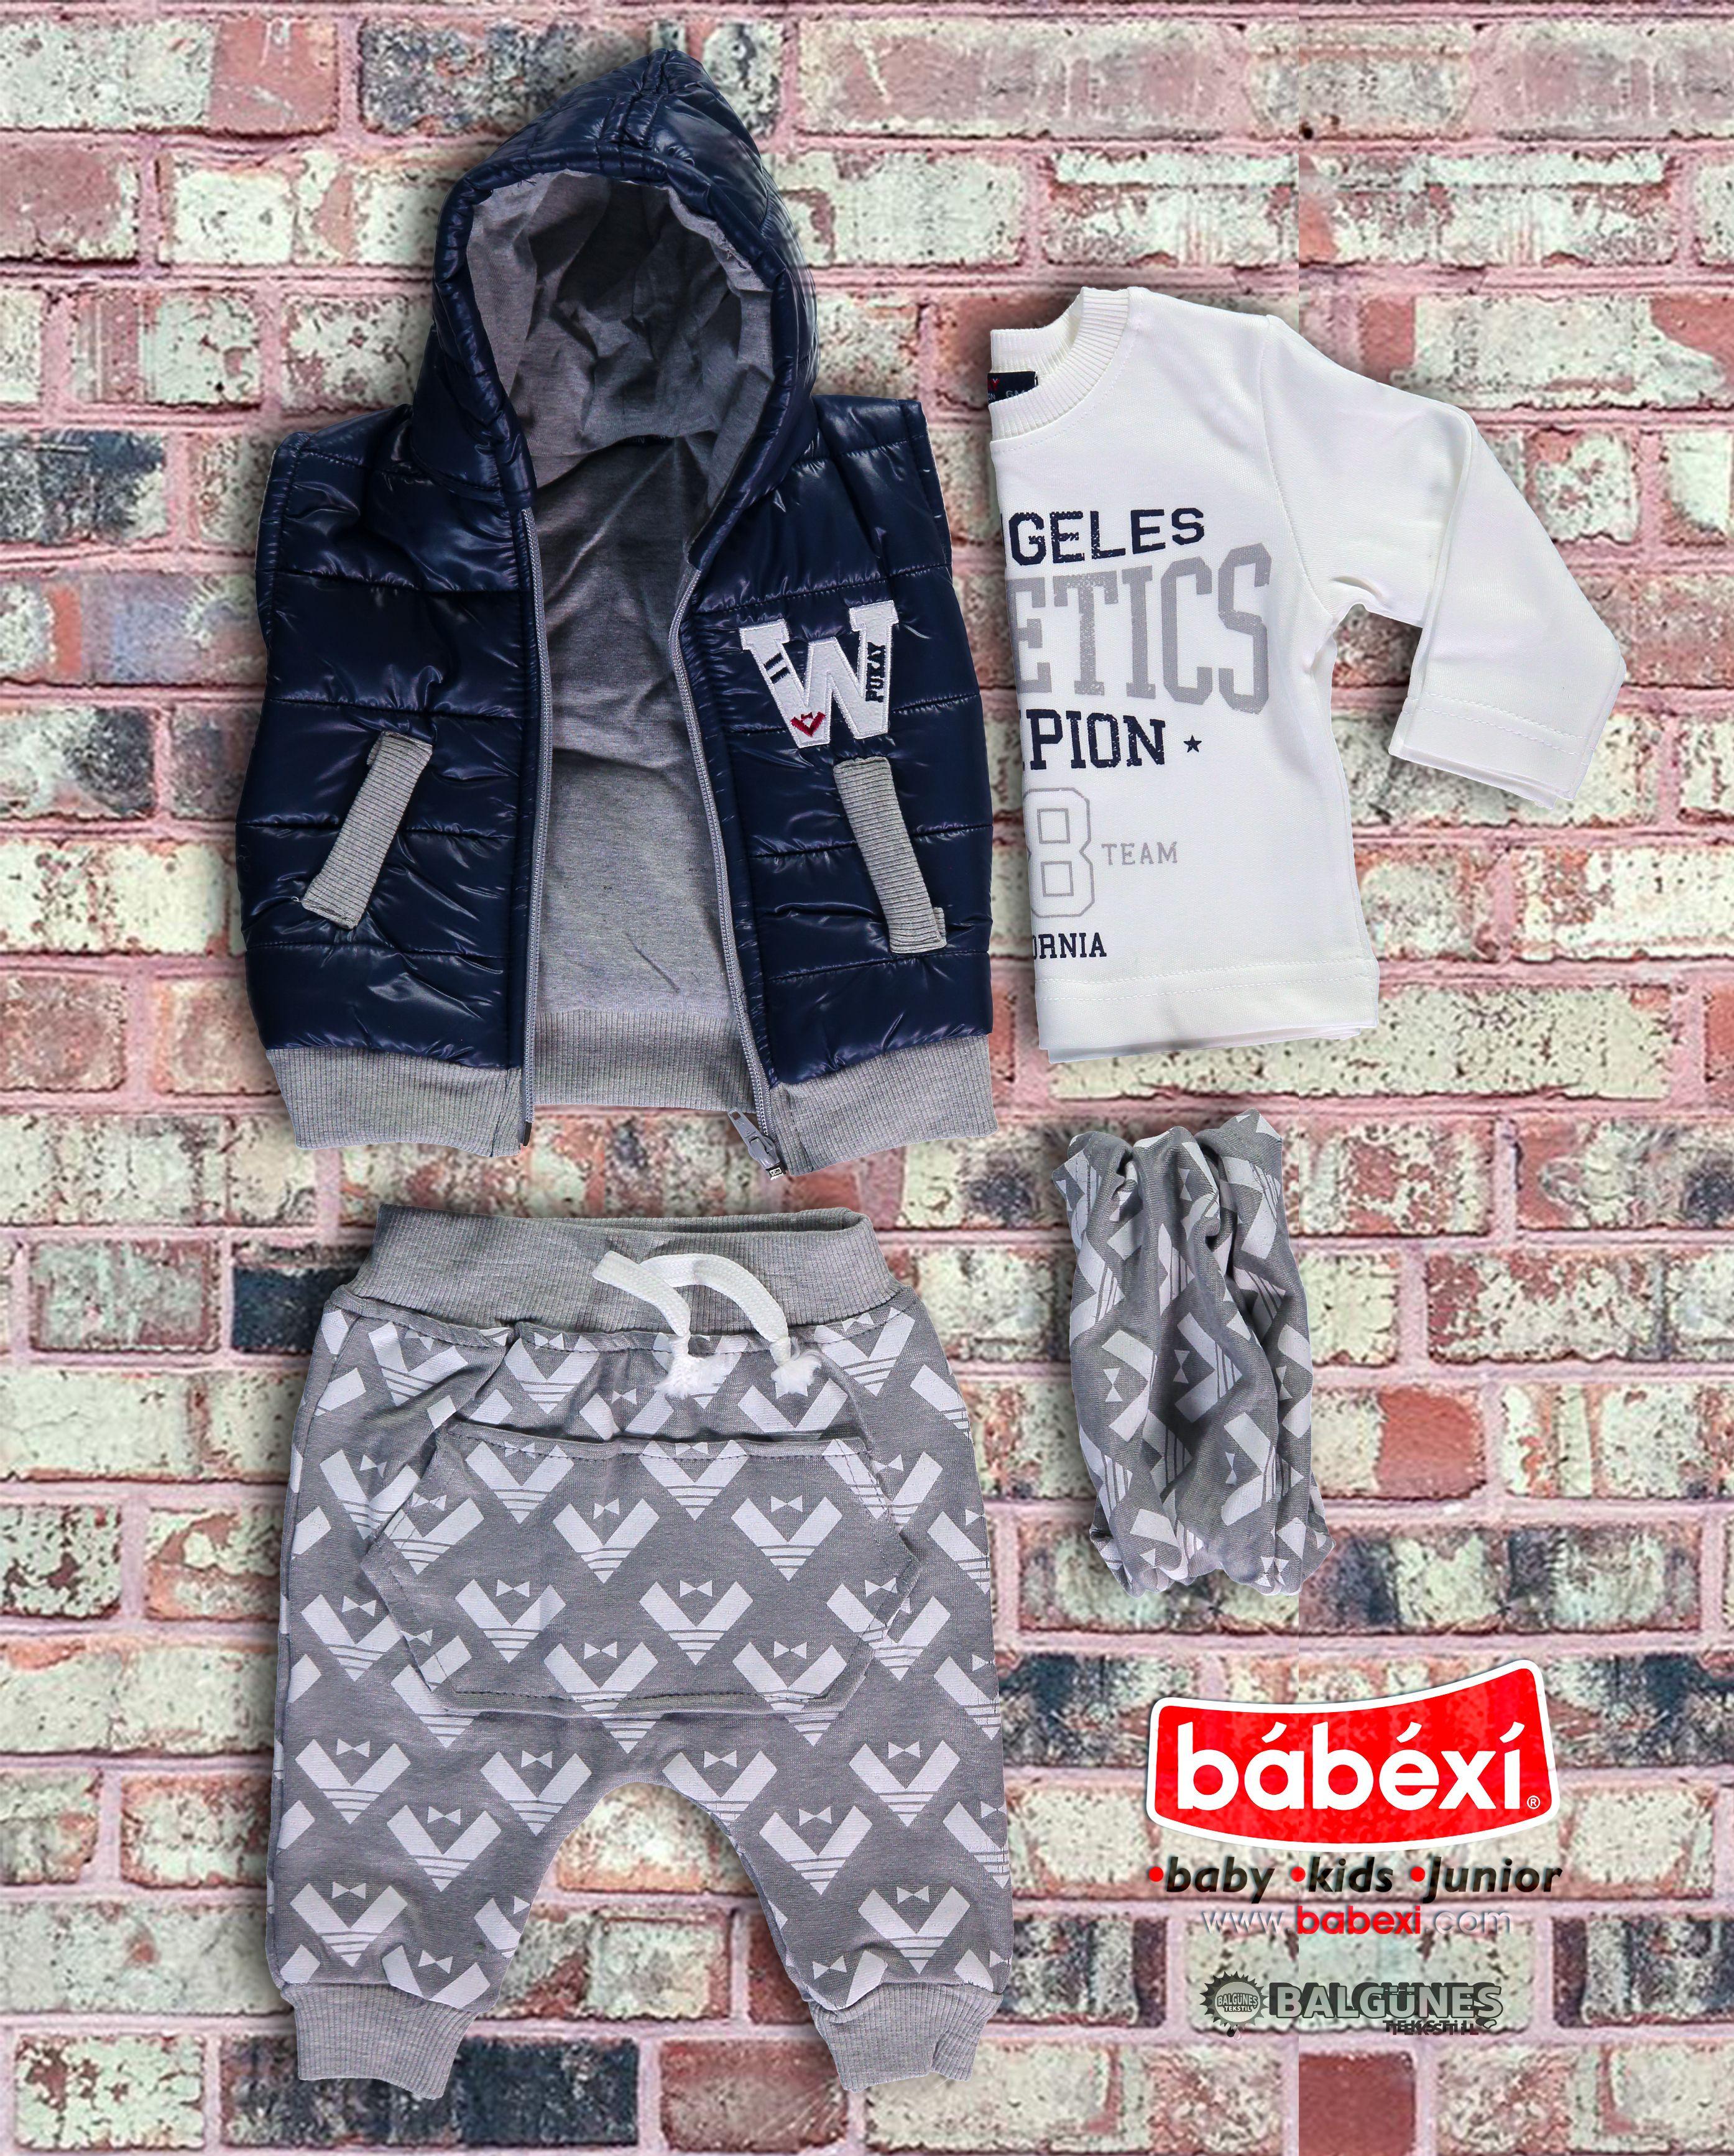 271e0441d4b47 babexi toptan cocuk giyim | Babexi ® | Çocuk giyim, Giyim, Çocuk